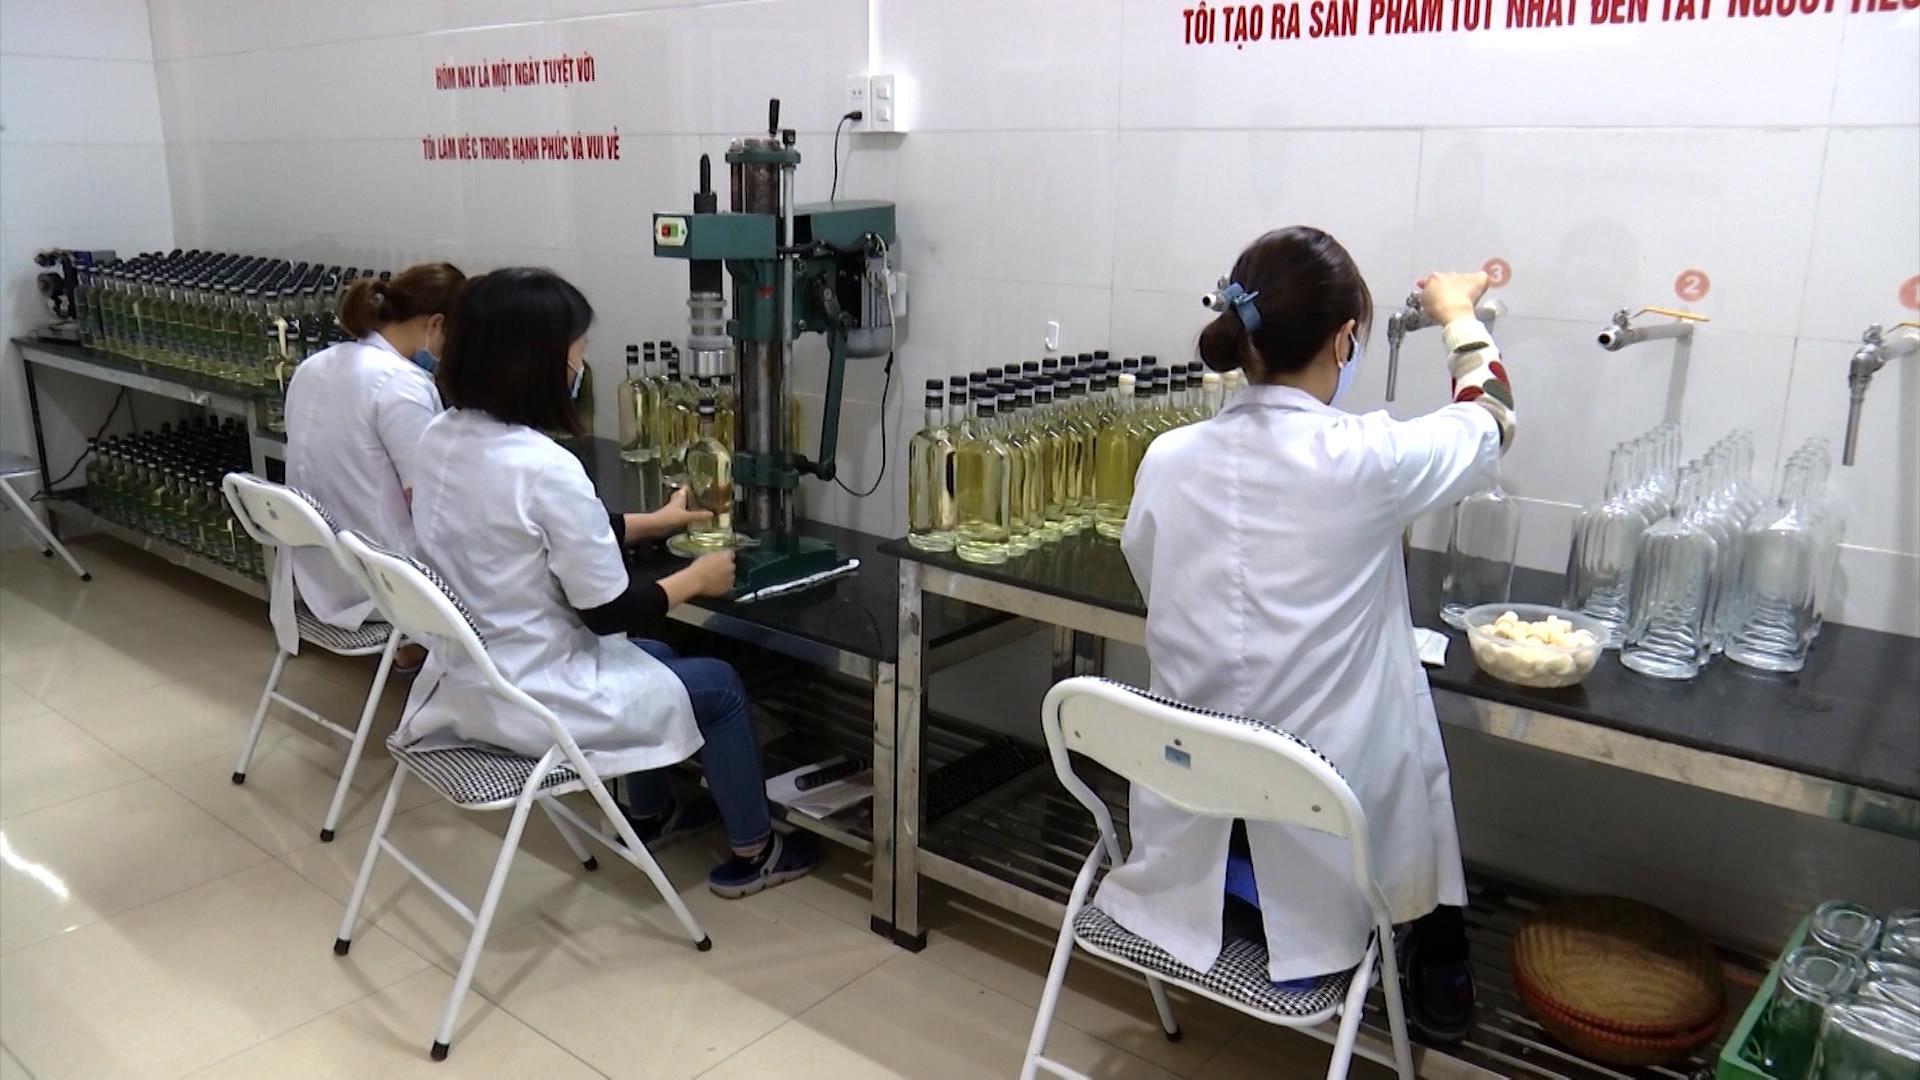 Xây dựng thương hiệu nâng cao sức cạnh tranh cho sản phẩm nông nghiệp và TTCN